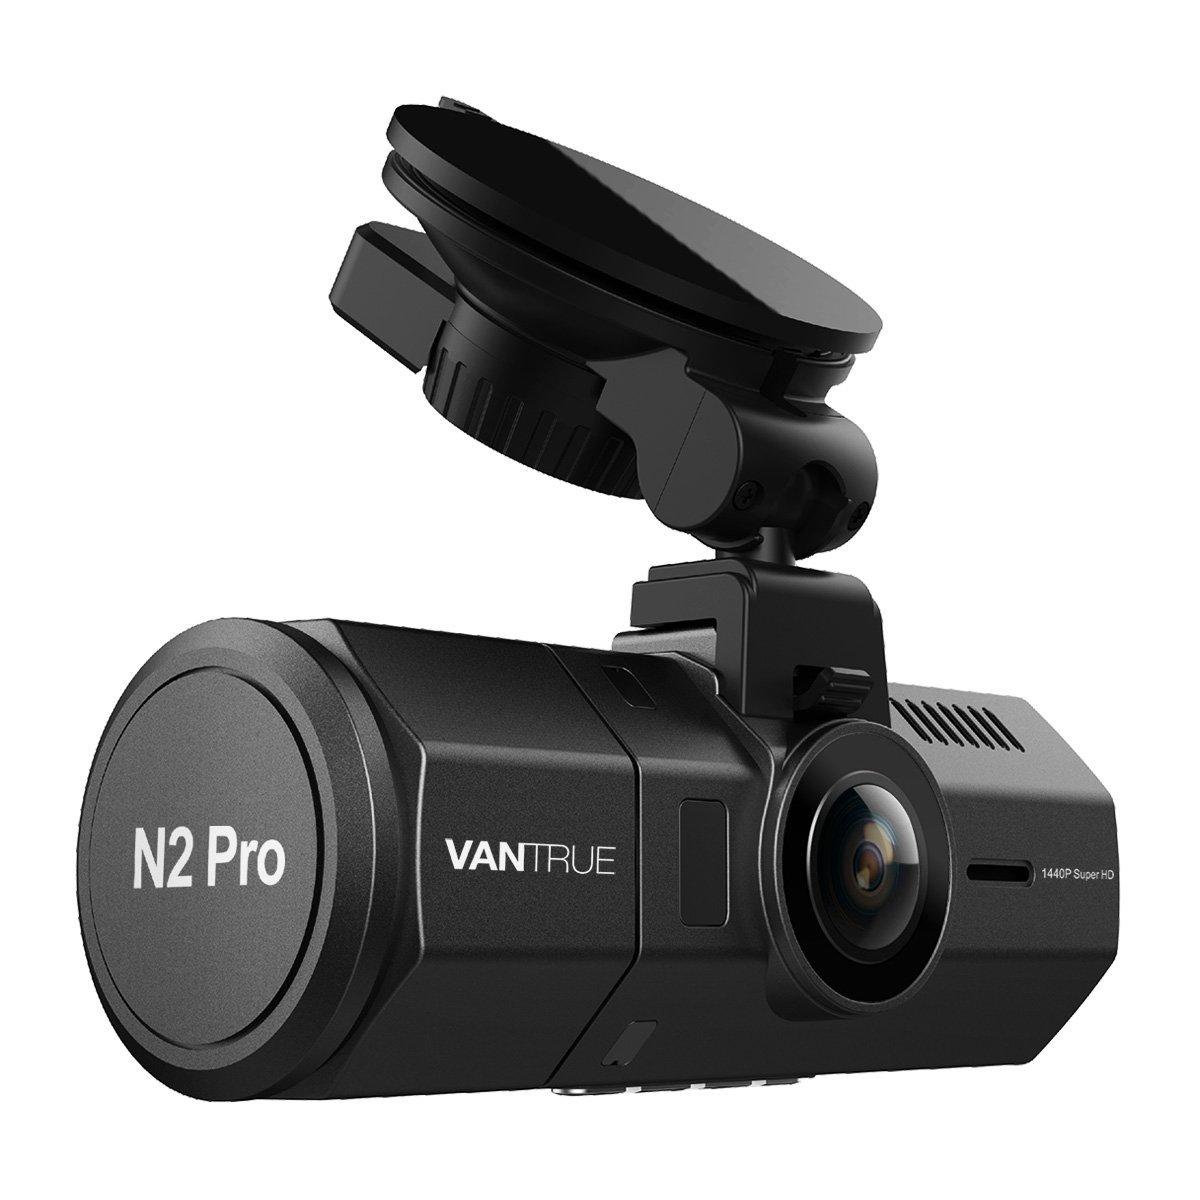 """Caméra embarquée 1.5"""" Vantrue N2 Pro - 2.5 K, 1440p, Vision Nocturne, Détection des Mouvements (vendeur tiers)"""